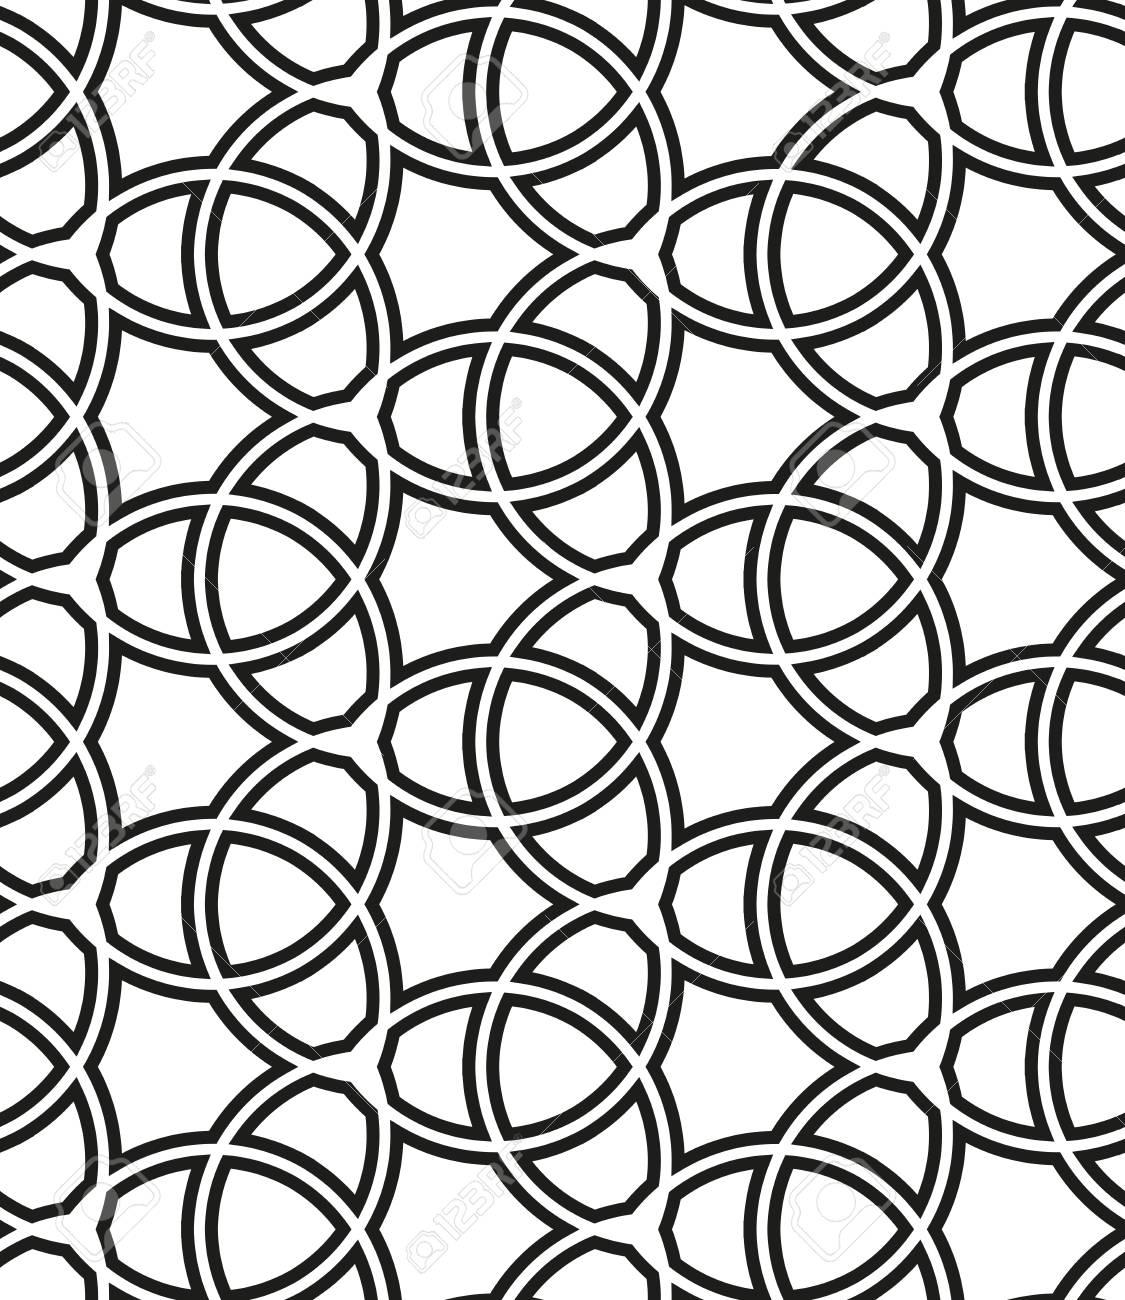 geometrischen ornament mit feinen elementen nahtlose schwarz wei muster fr tapeten und hintergrnde - Tapete Schwarz Wei Muster